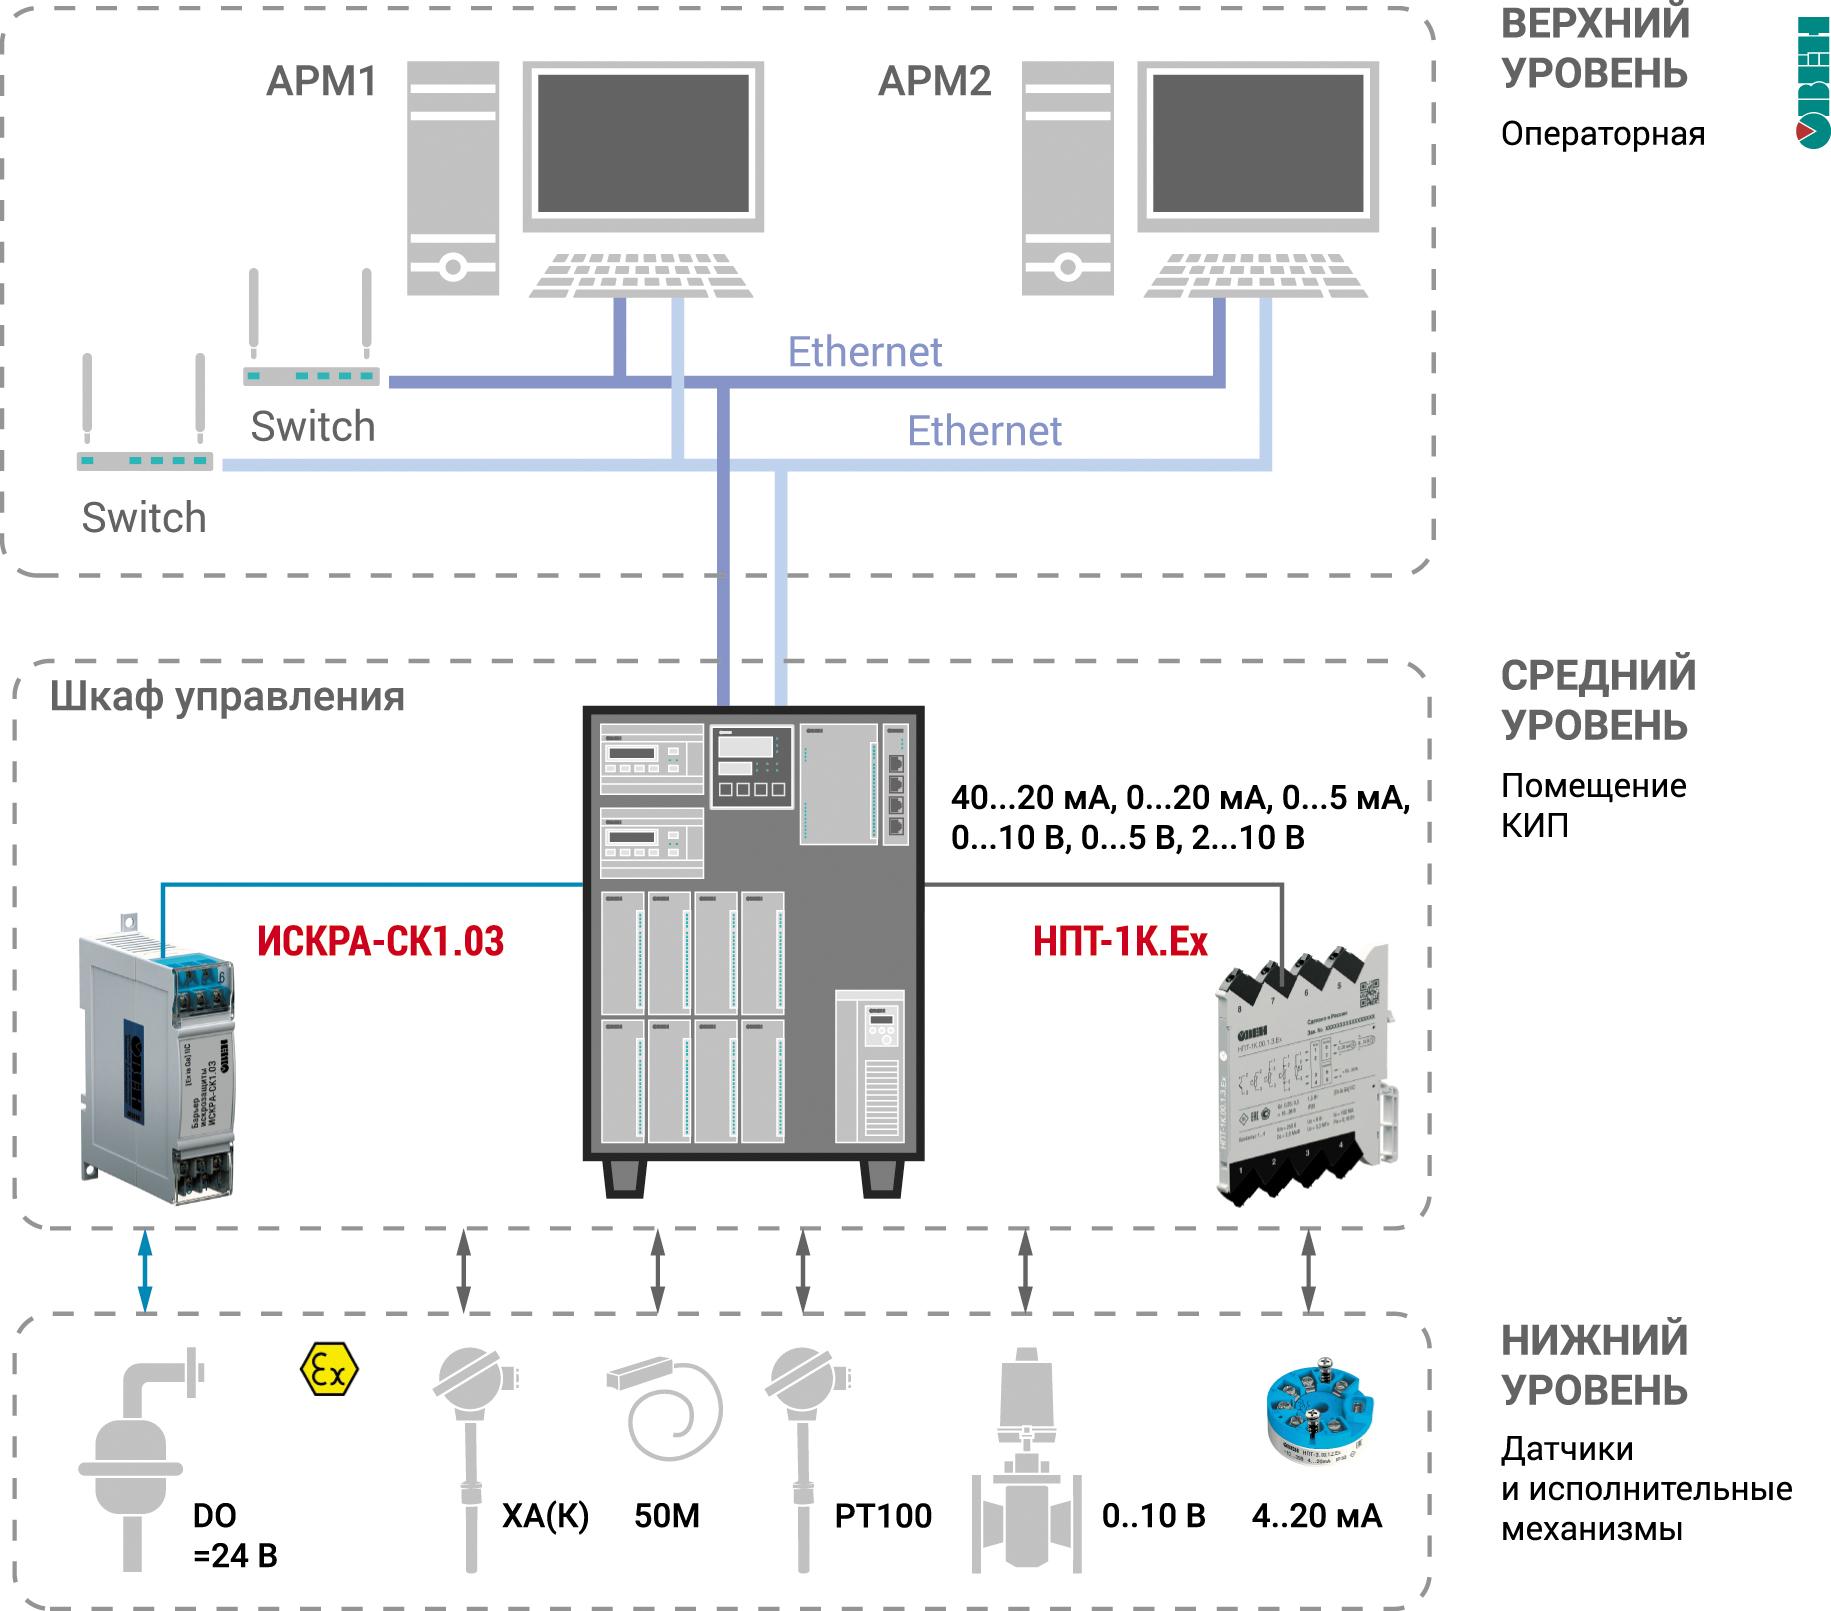 Согласование сигналов разных уровней автоматизации